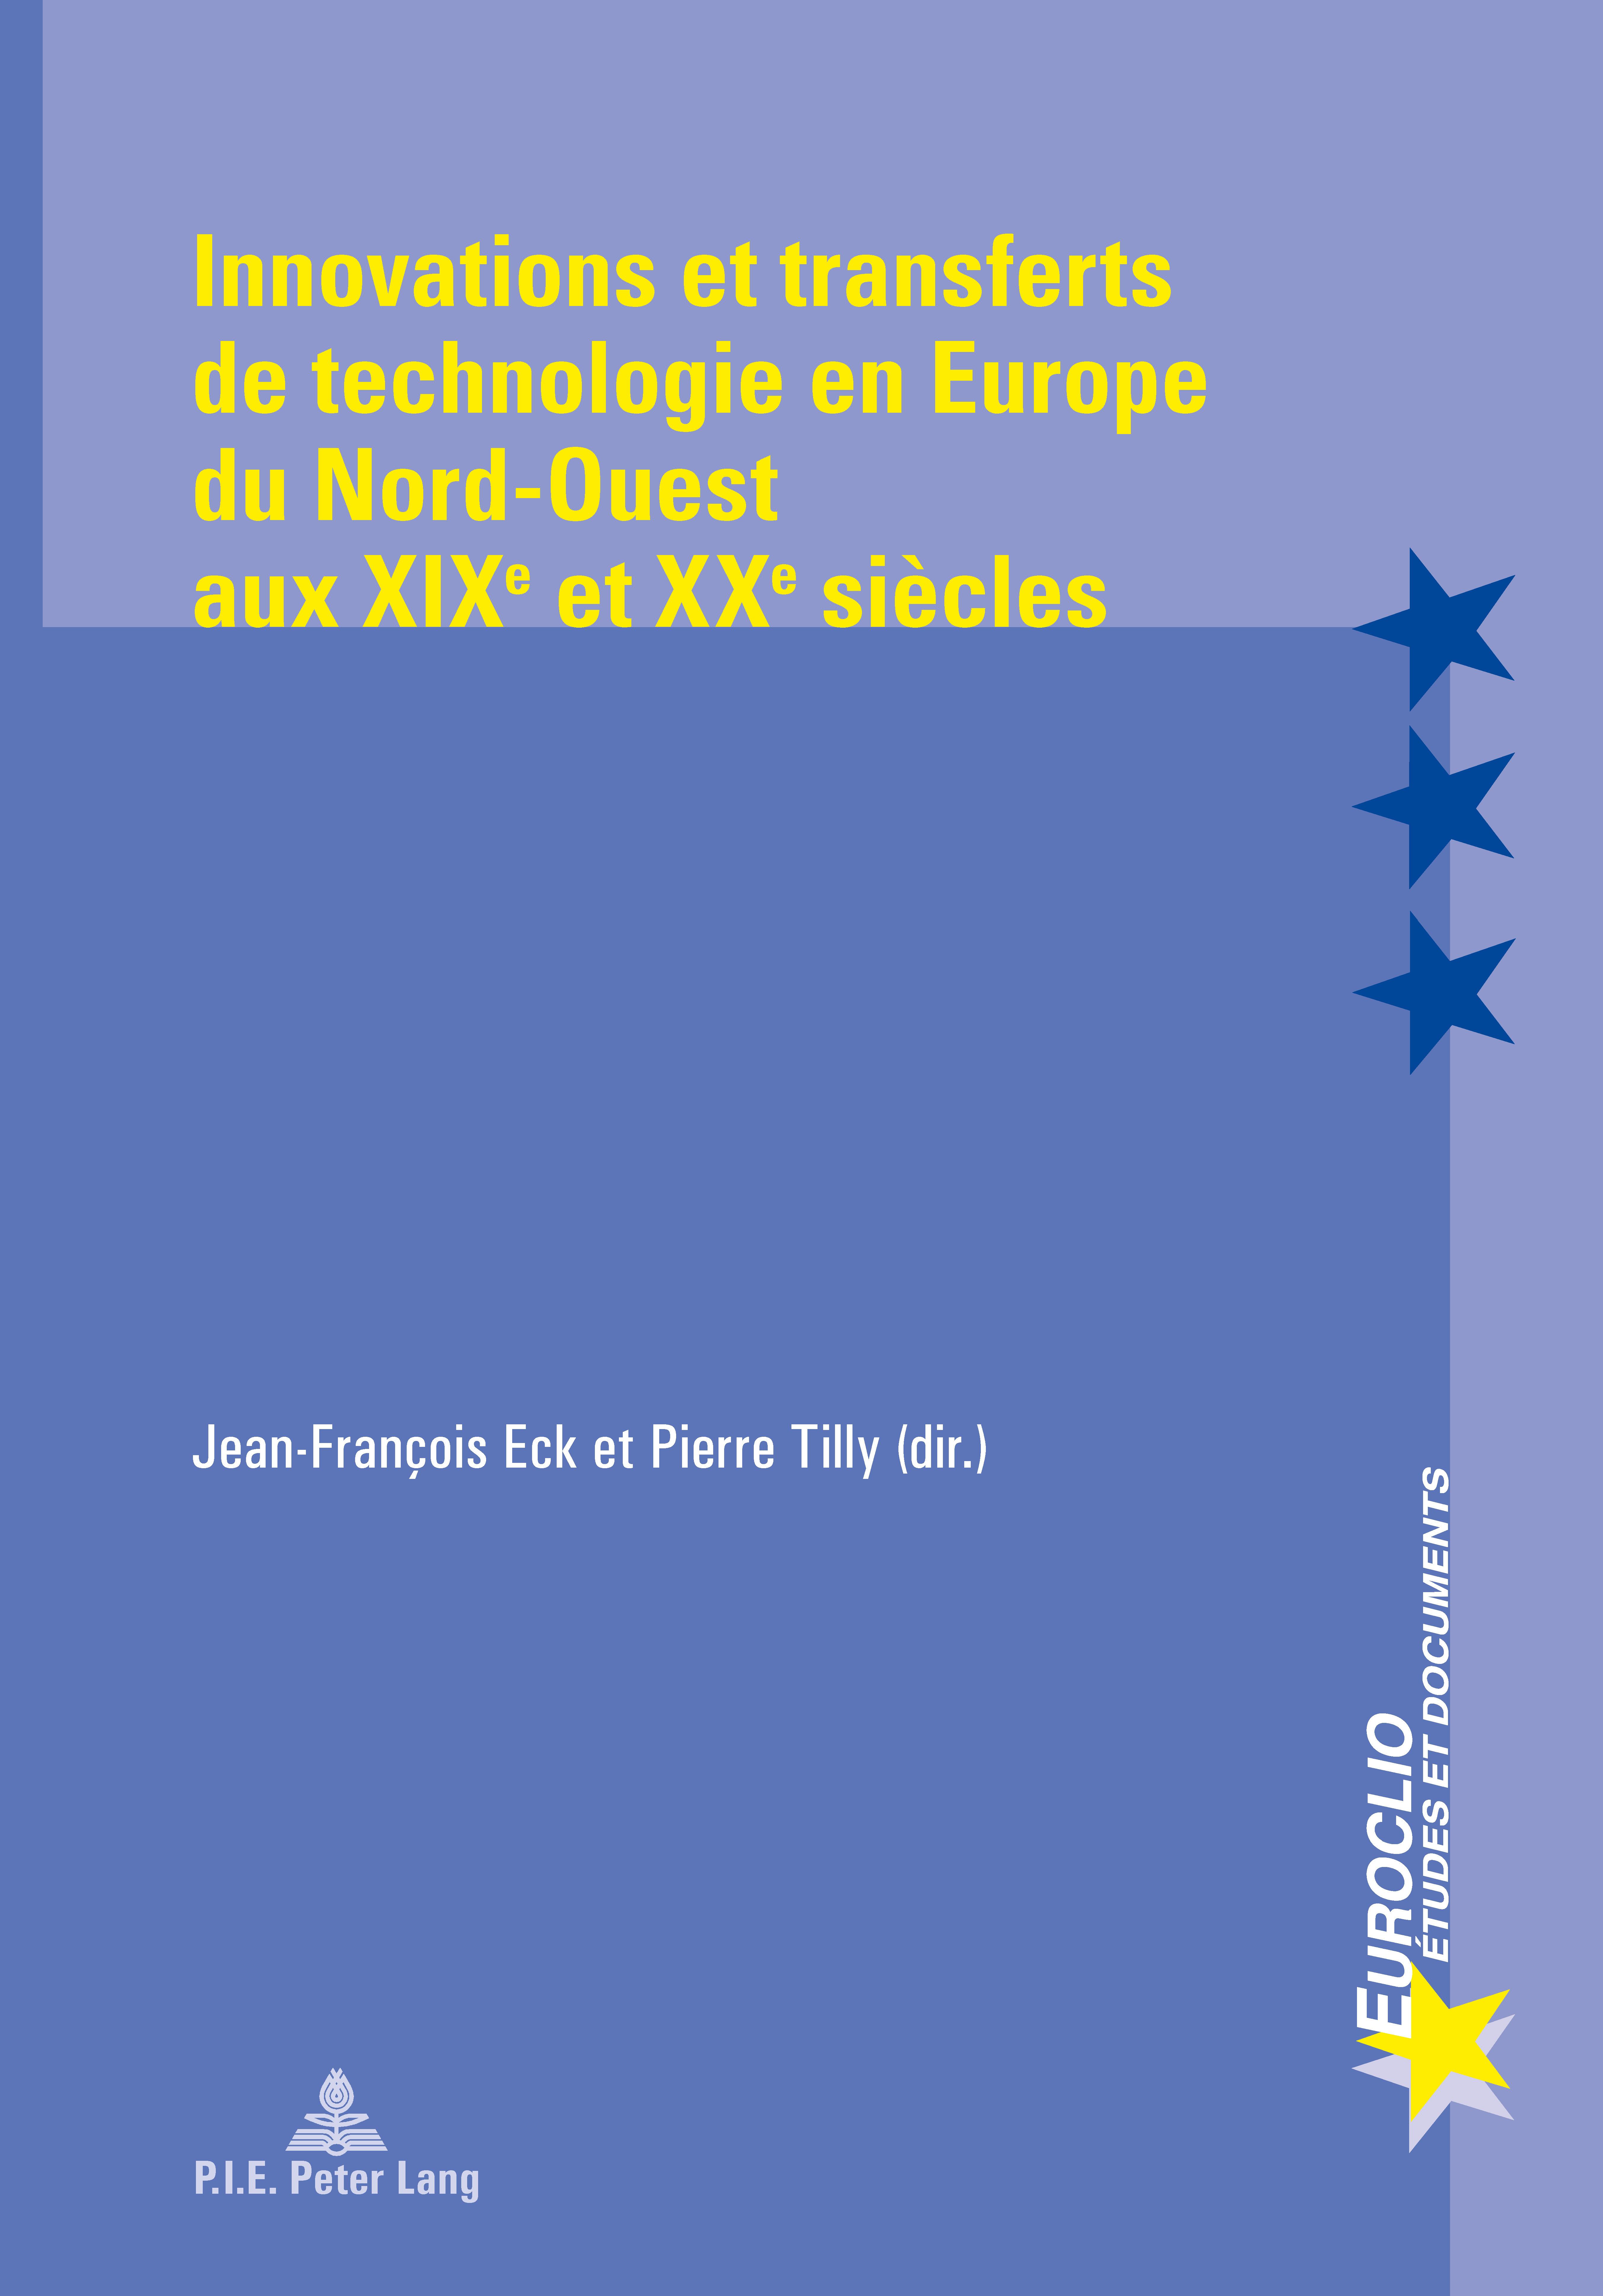 INNOVATIONS ET TRANSFERTS DE TECHNOLOGIE EN EUROPE DU NORD-OUEST AUX XIXE ET XXE SIECLES